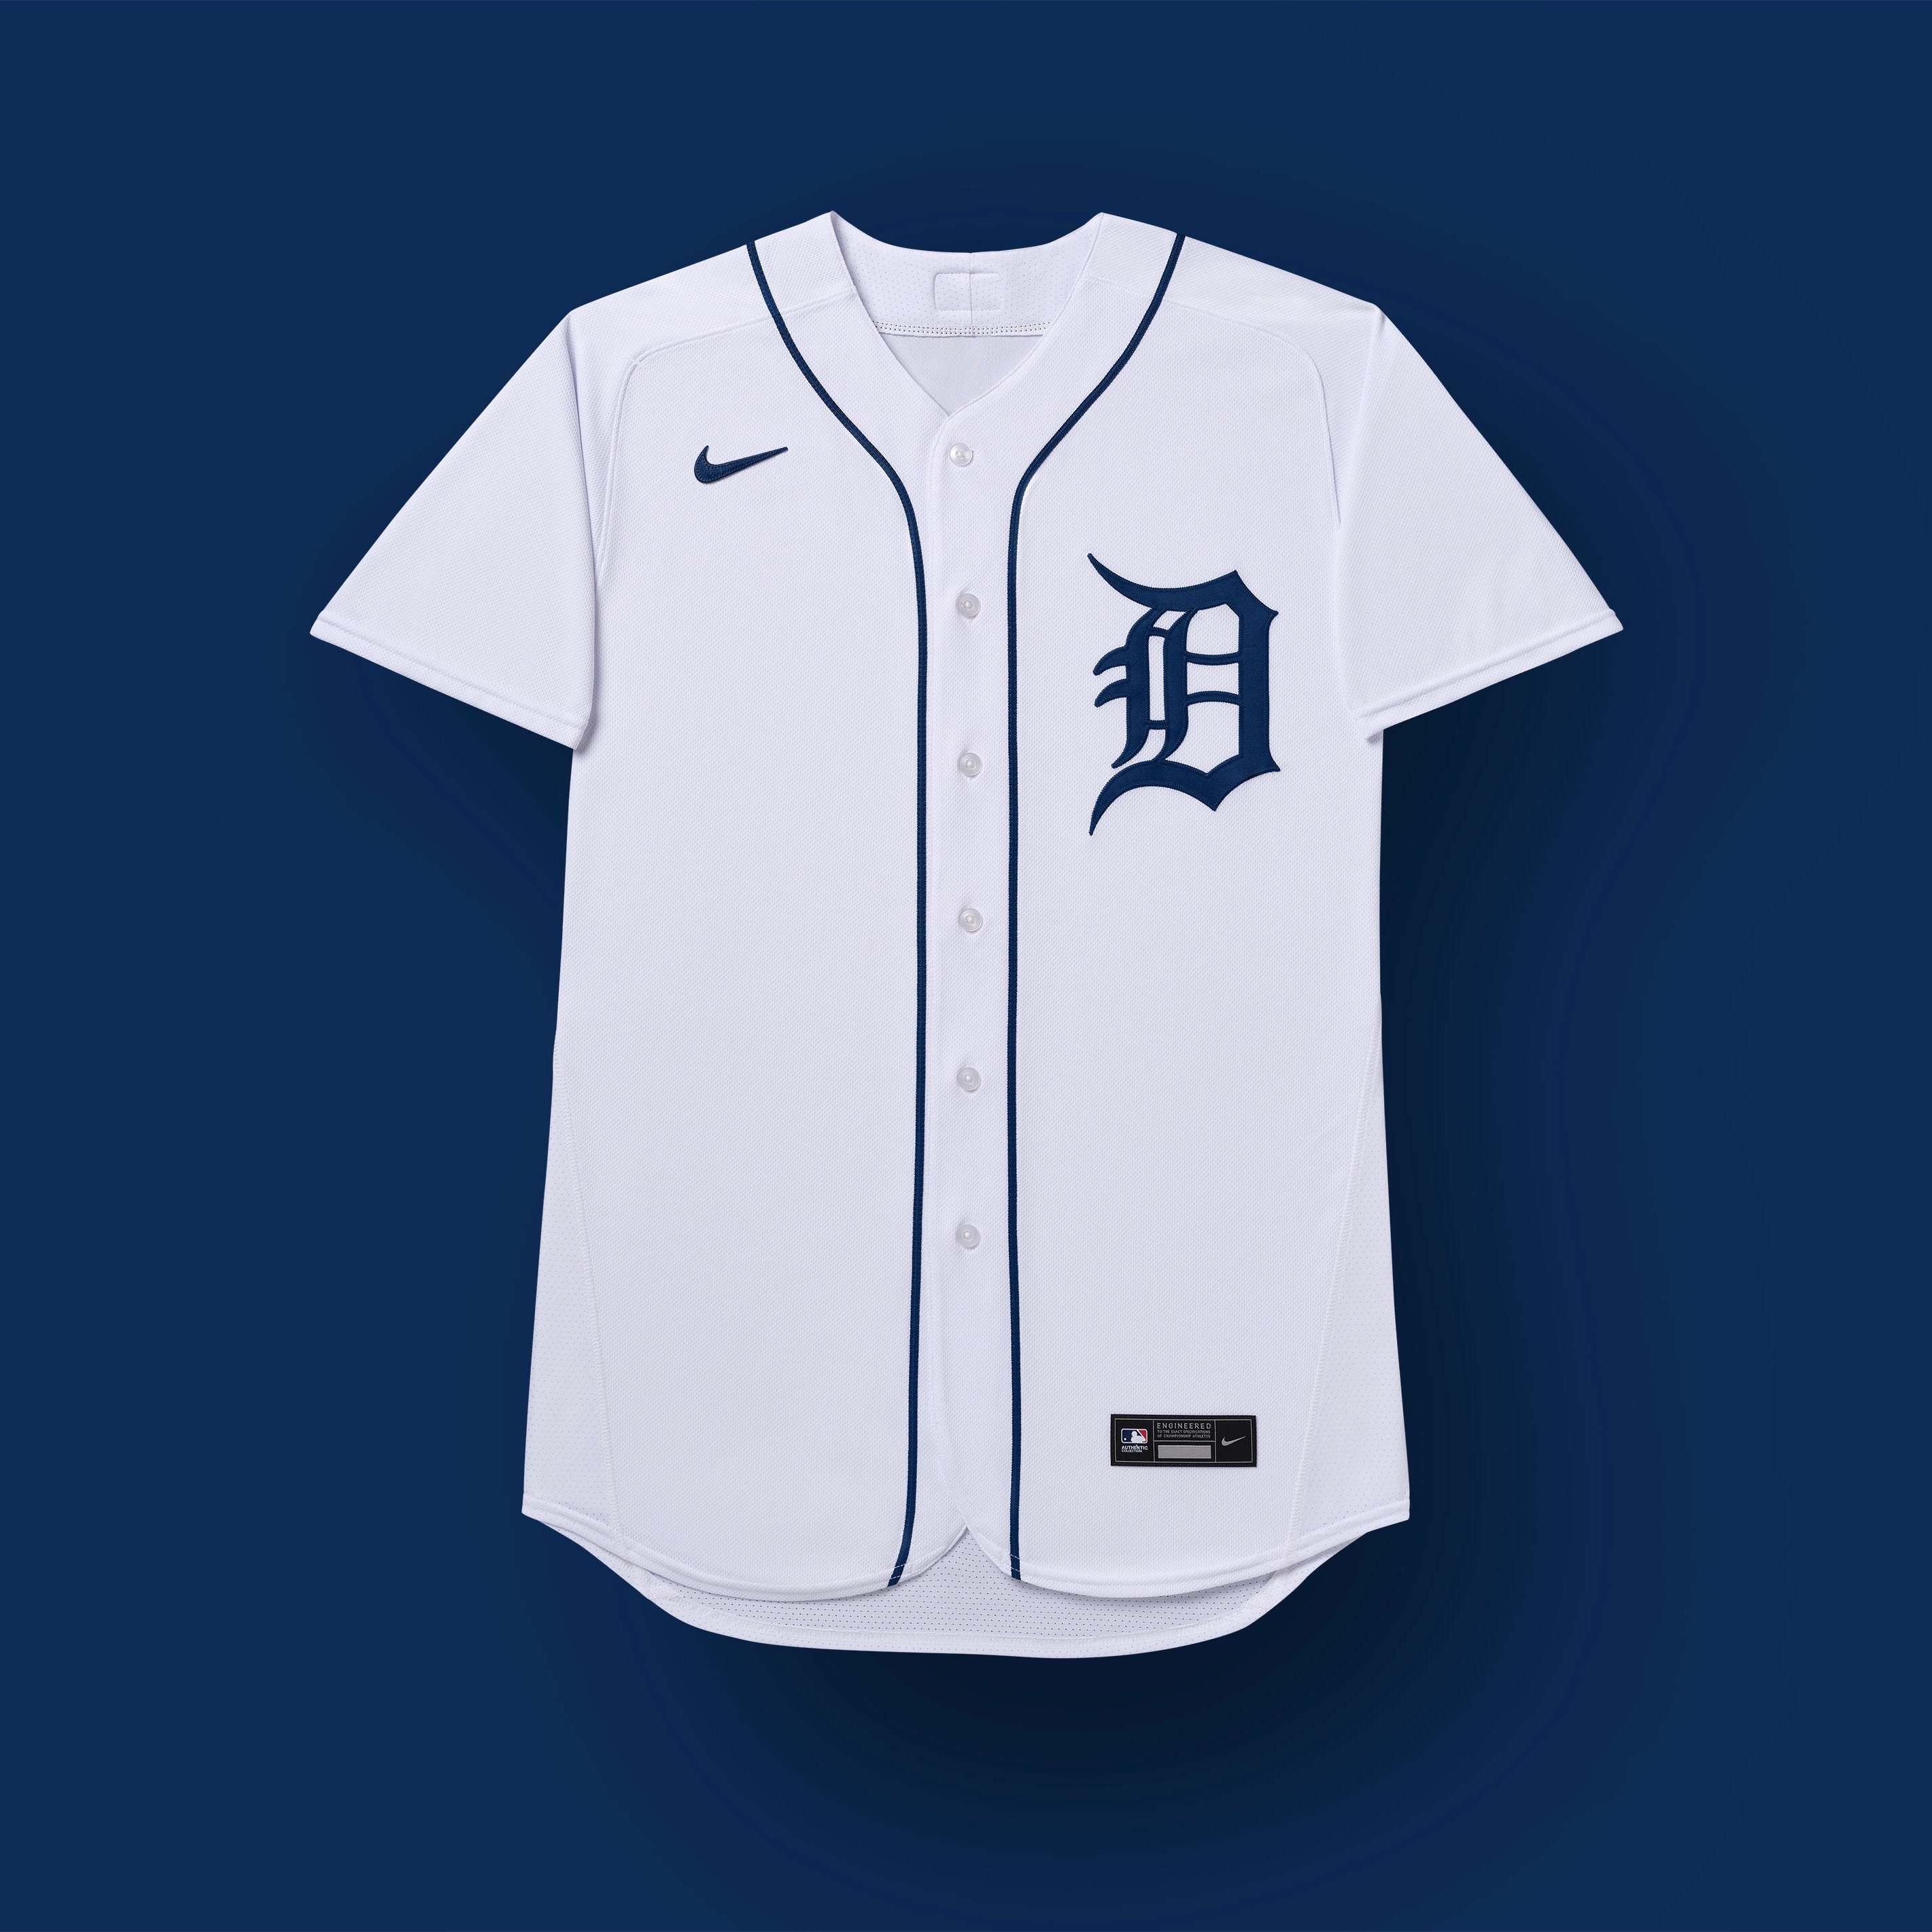 detroit tigers 2020 uniforms